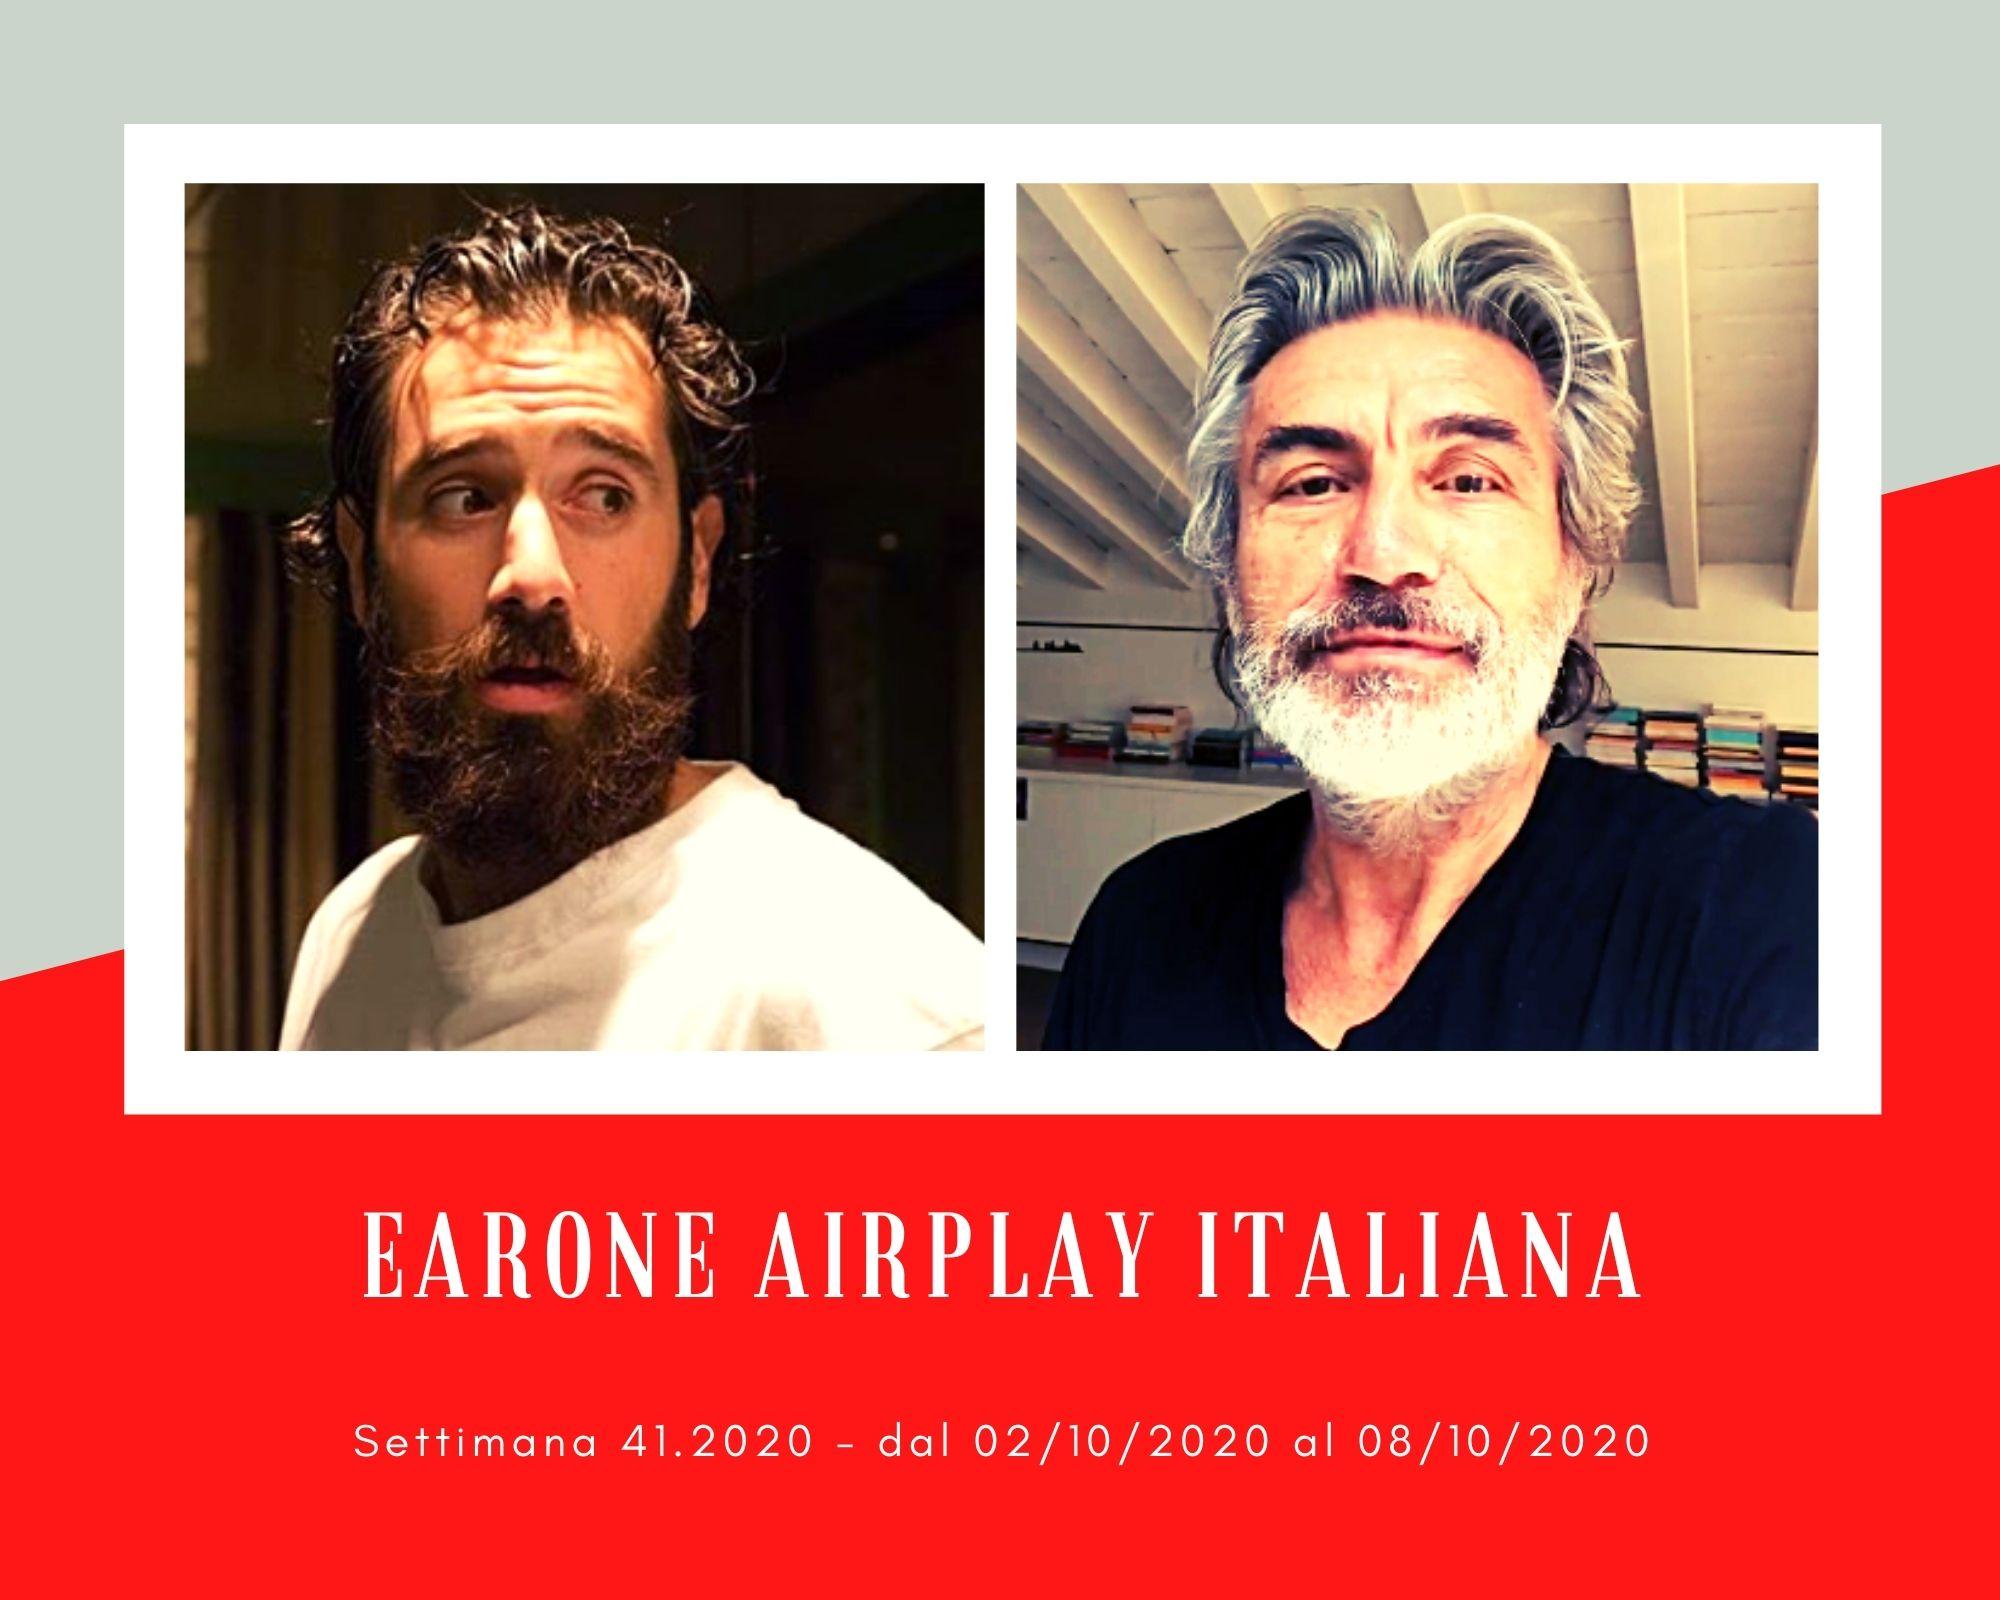 Classifica Radio EARONE Airplay Italiana, week 41: Tommaso Paradiso supera Emma, ma in vetta ritorna Ligabue